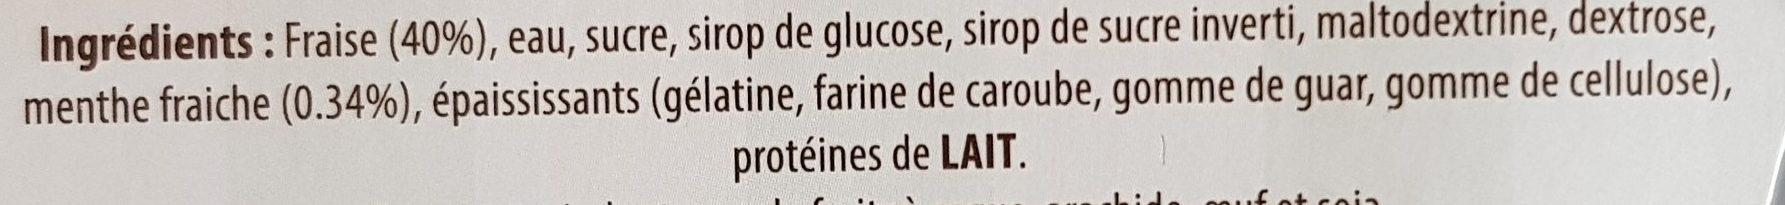 Sorbet fraise menthe MG Artisan Glacier en provence - Ingredients - fr